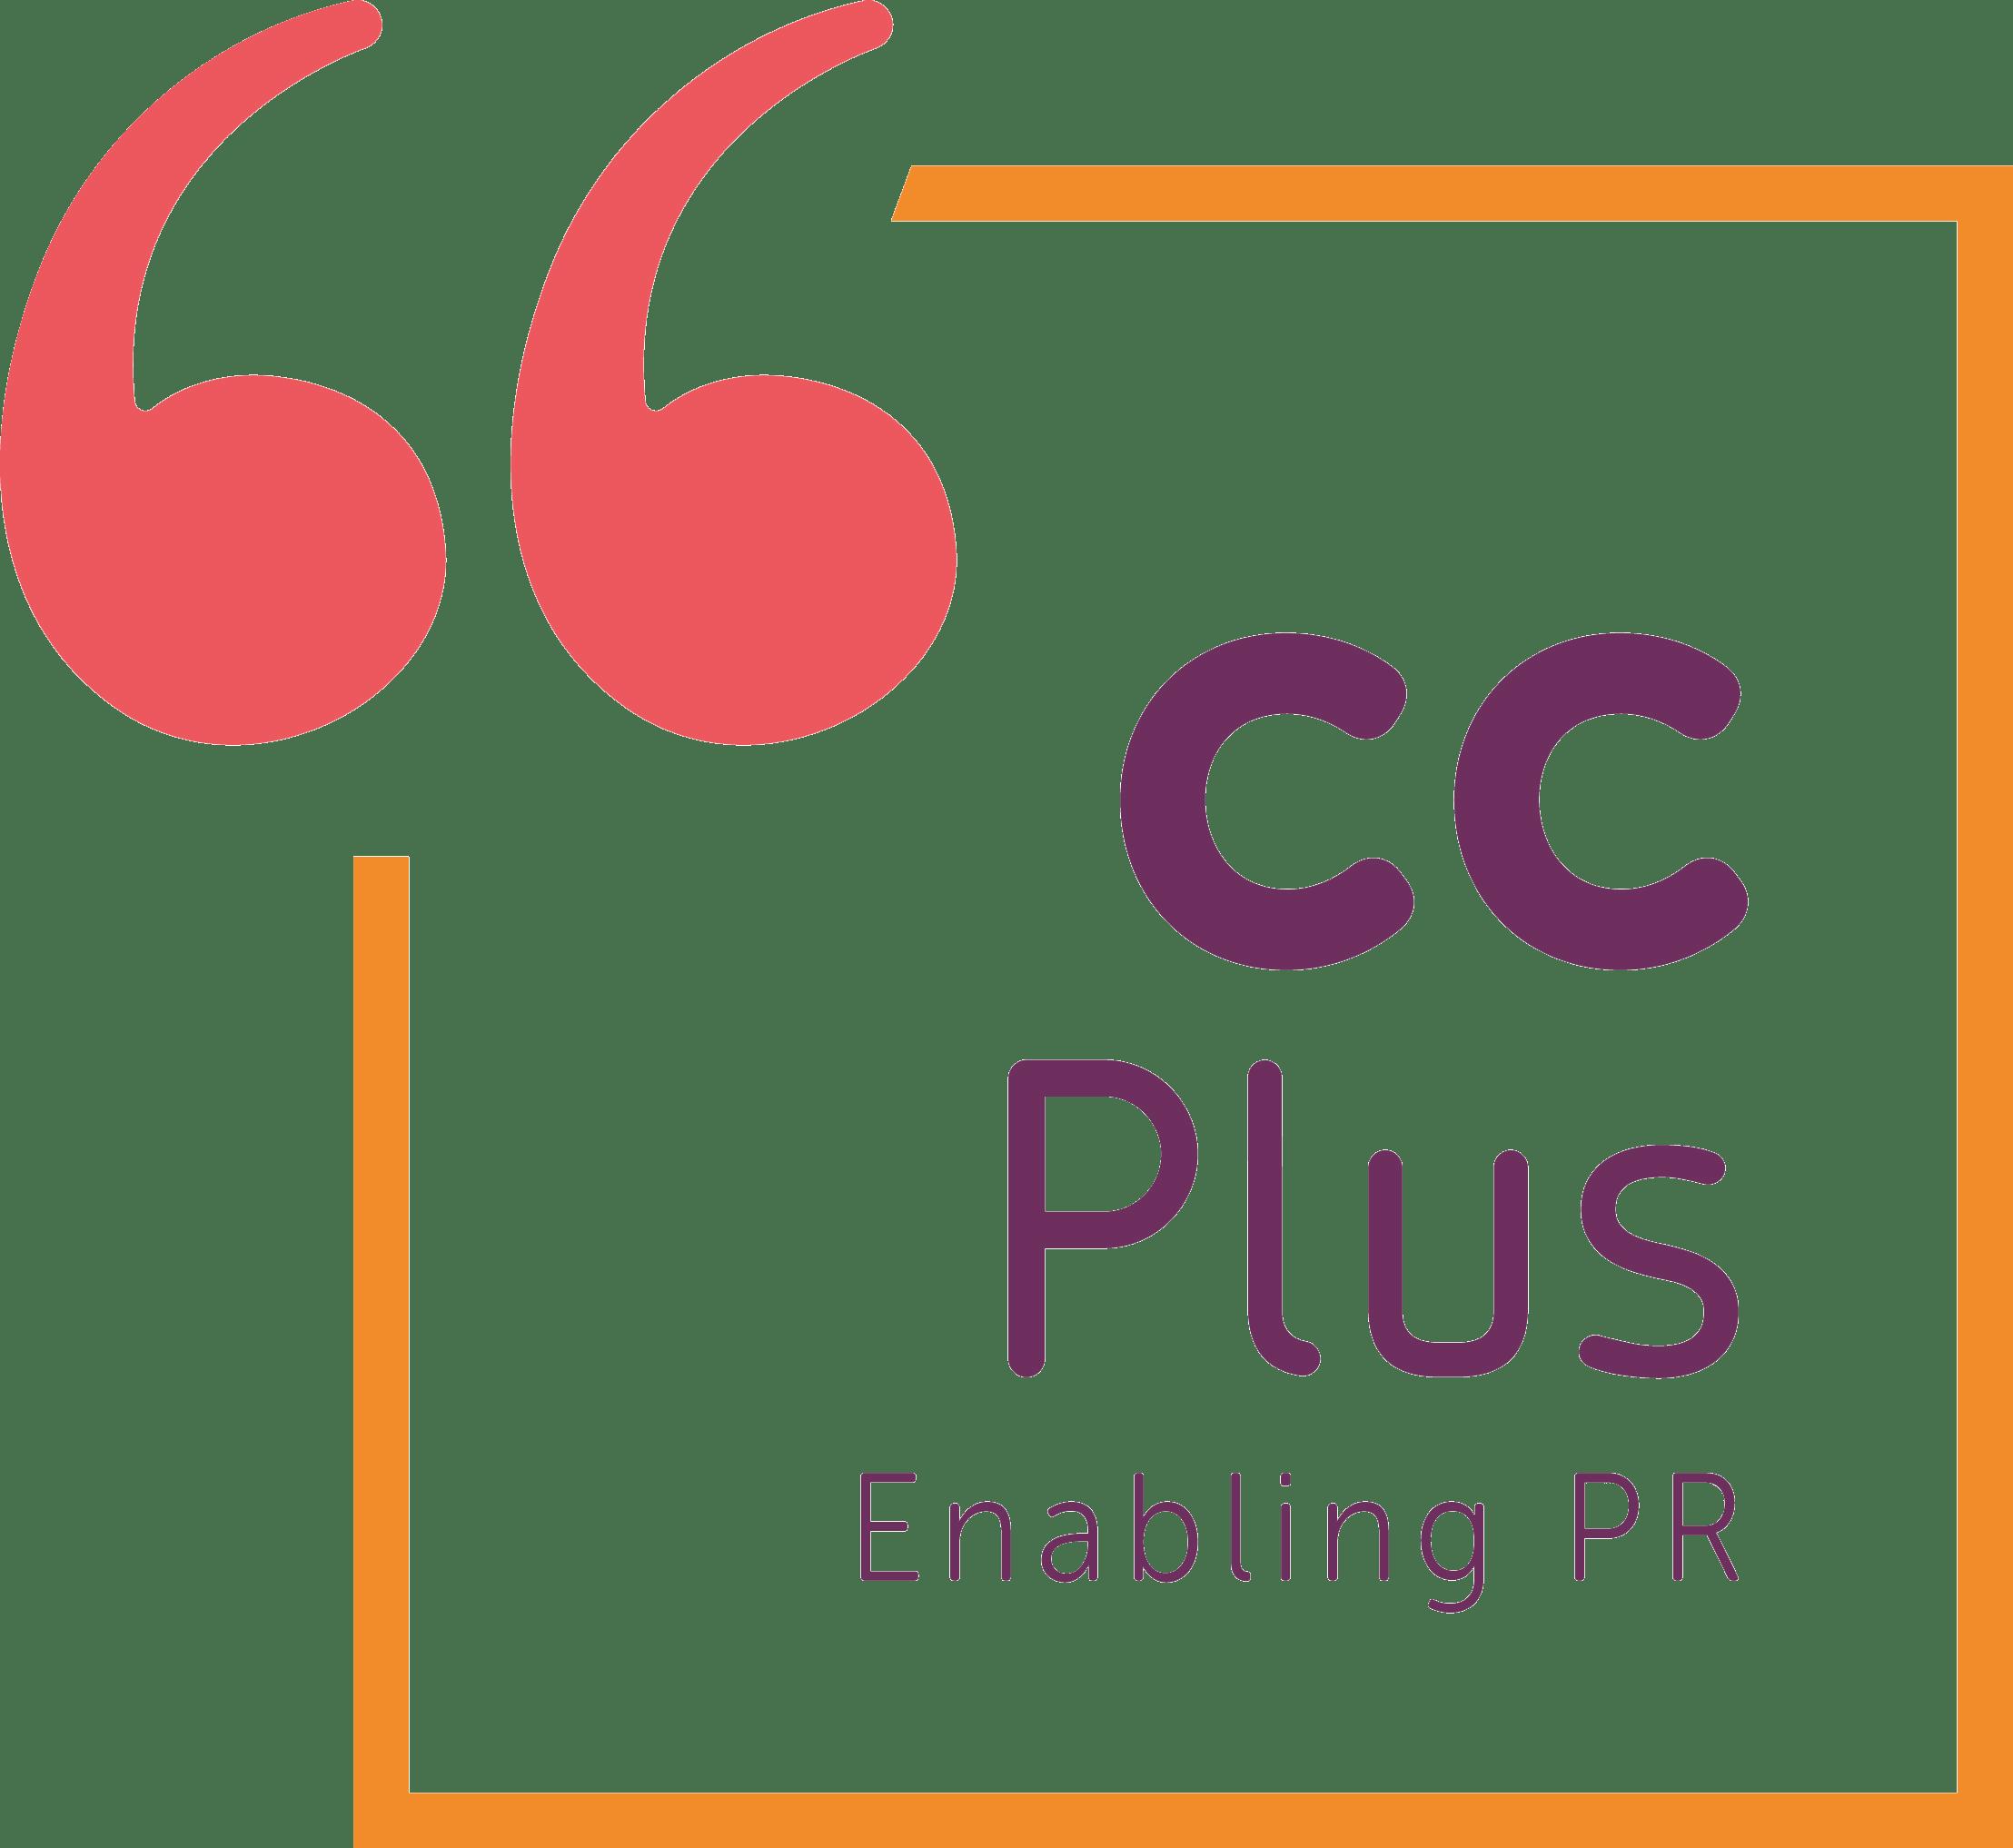 CC Plus